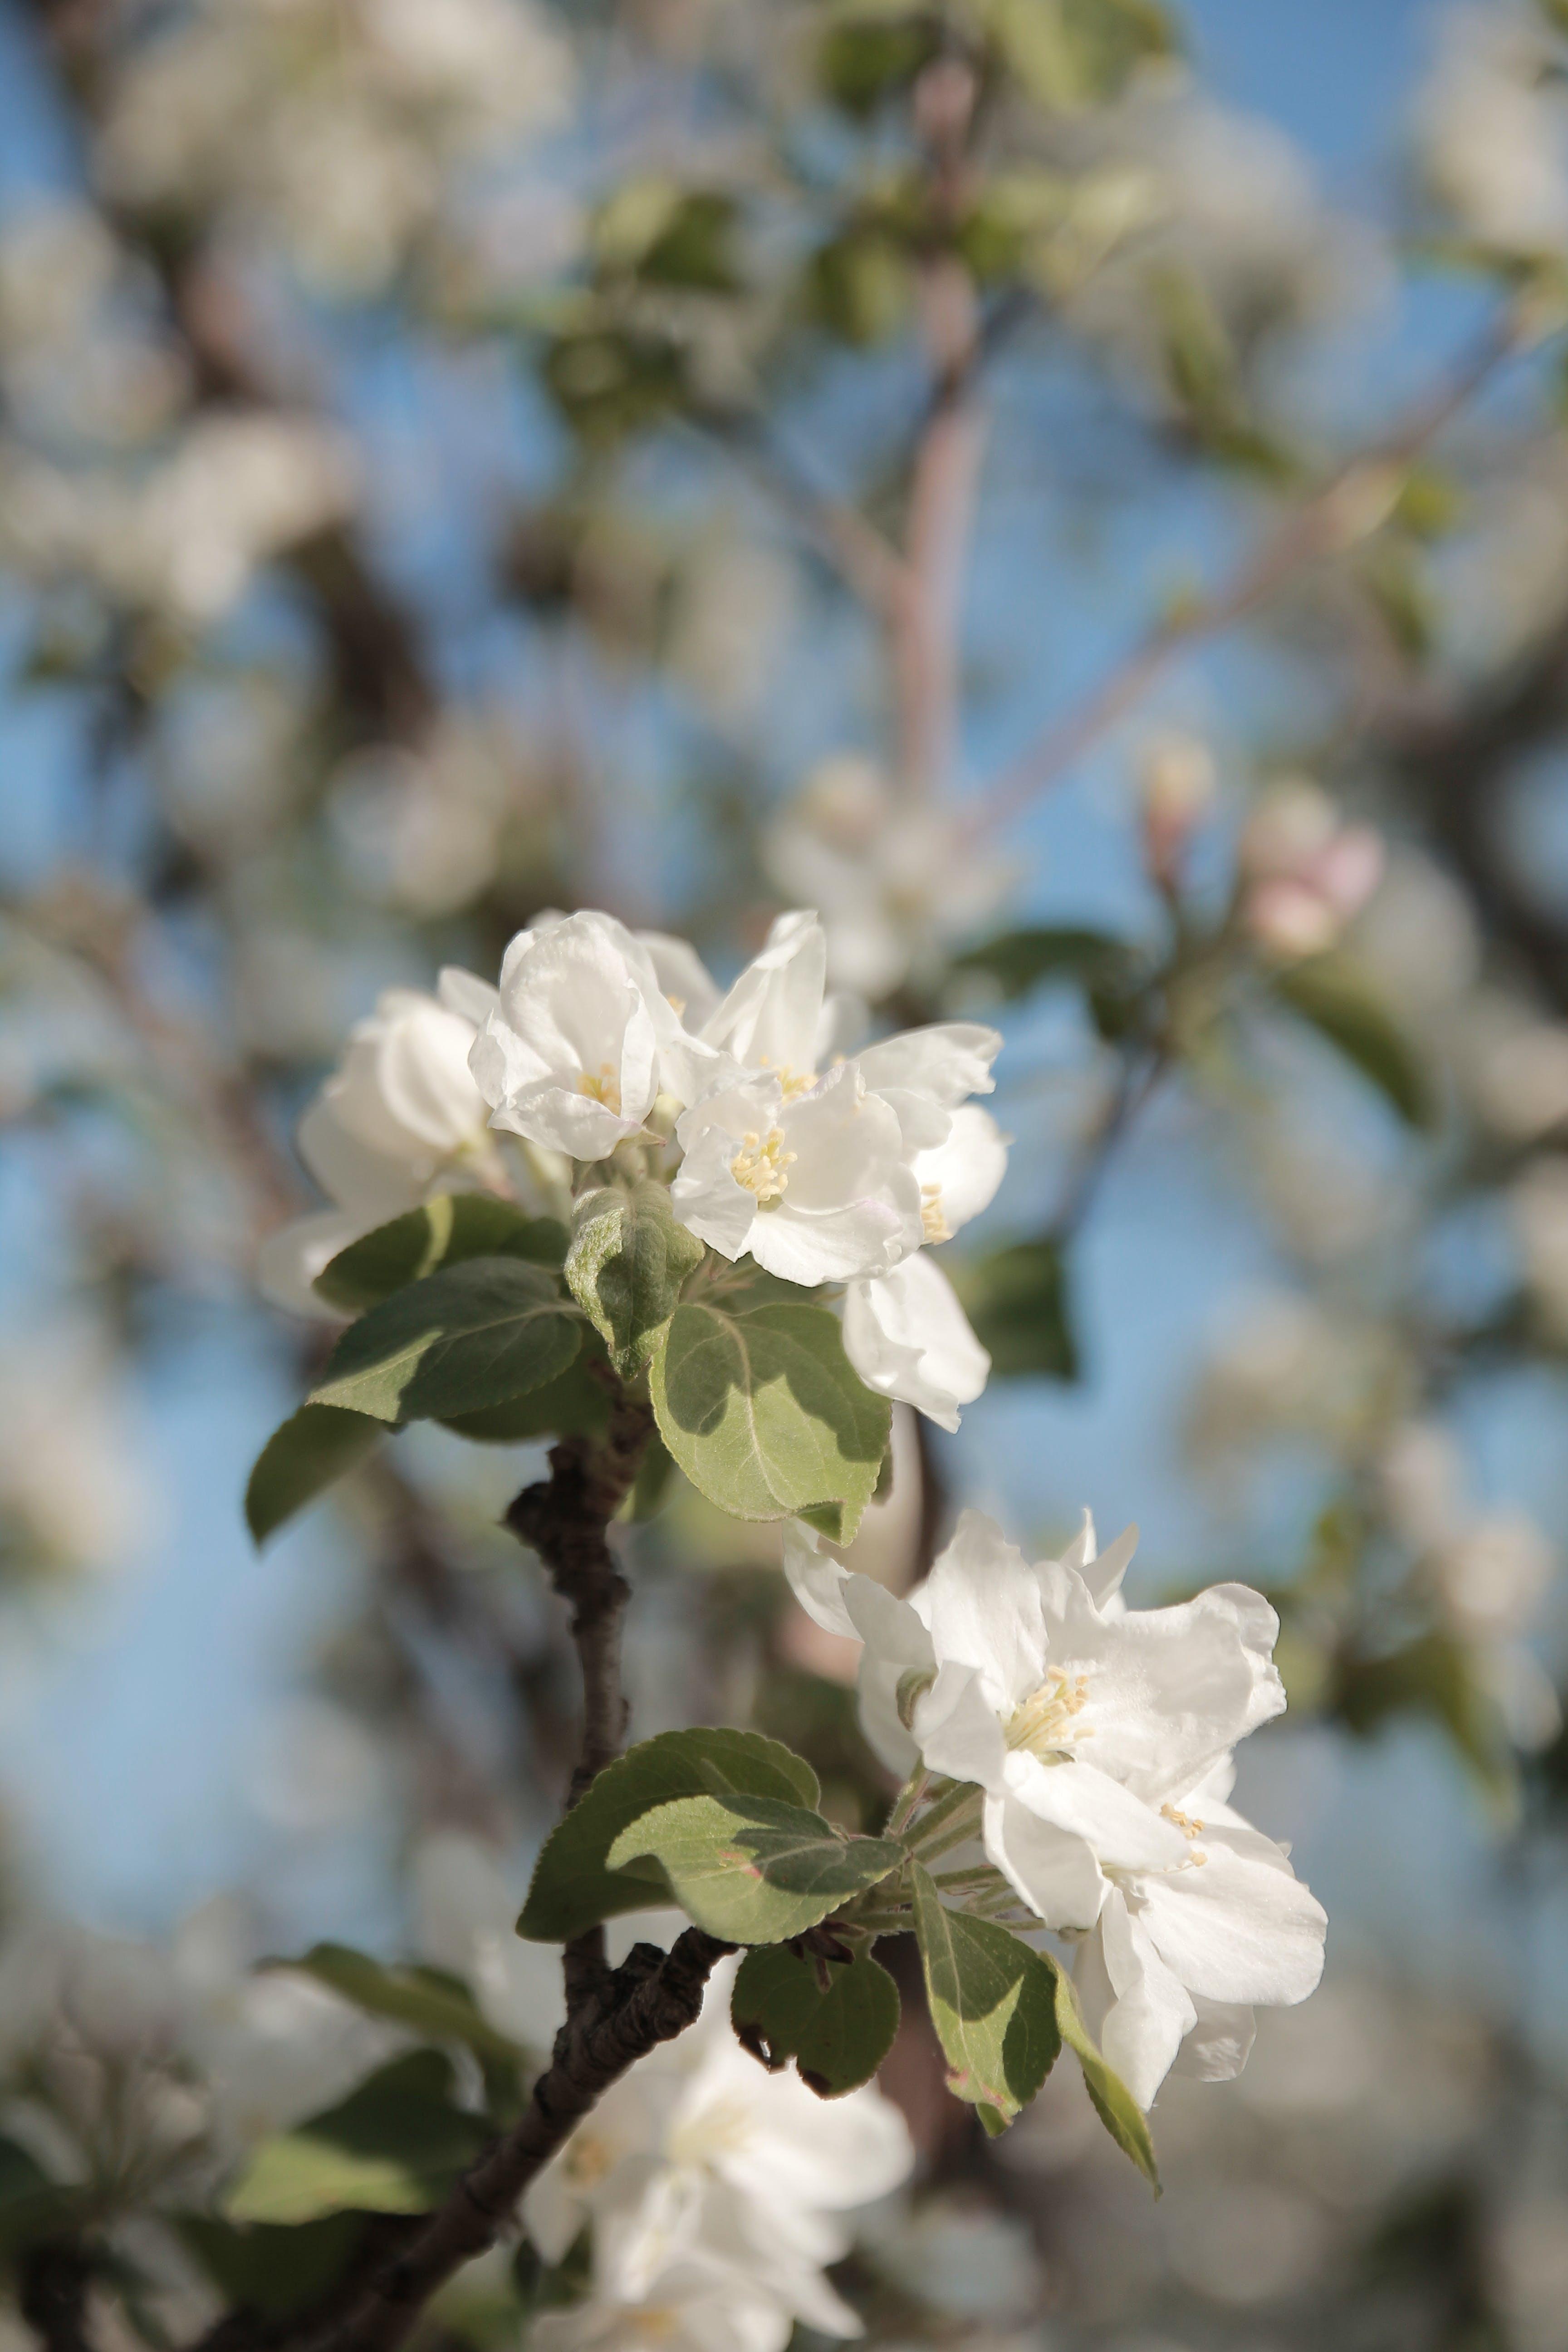 Δωρεάν στοκ φωτογραφιών με apple, winnipeg, ανθισμένος, άνθος μηλιάς